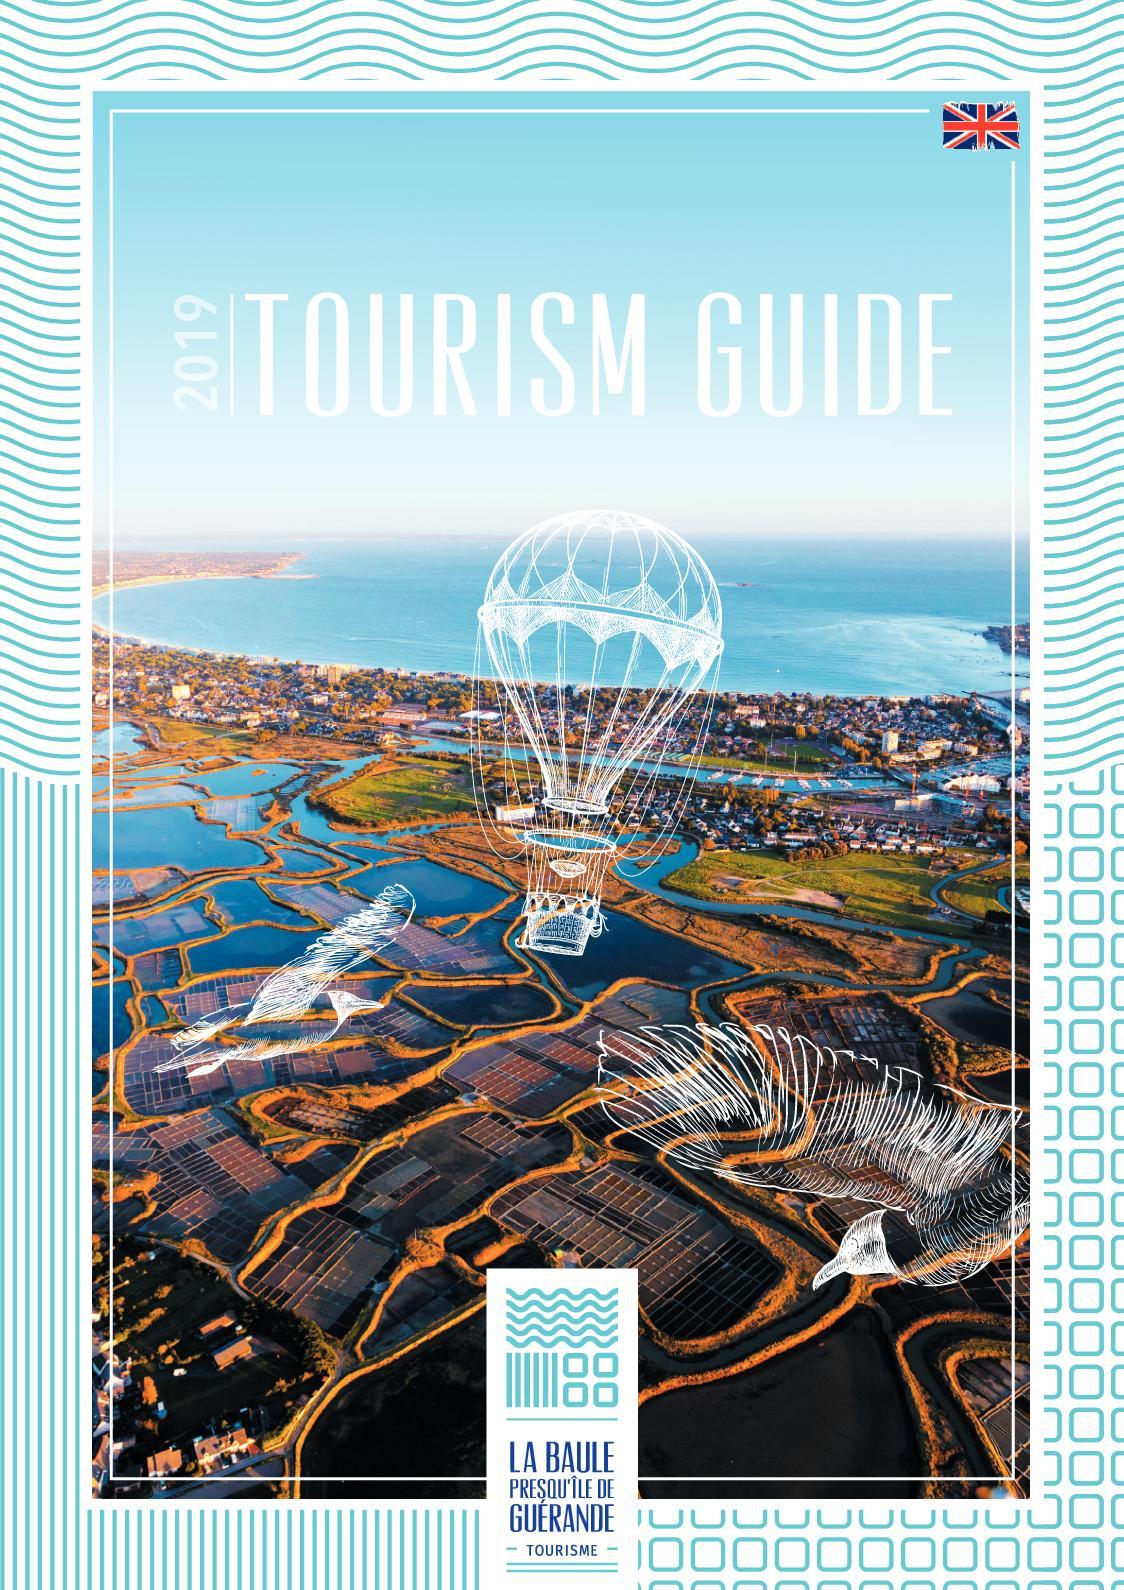 Salon Jardin Intermarche Nouveau Calaméo Guide touristique 2019 Anglais